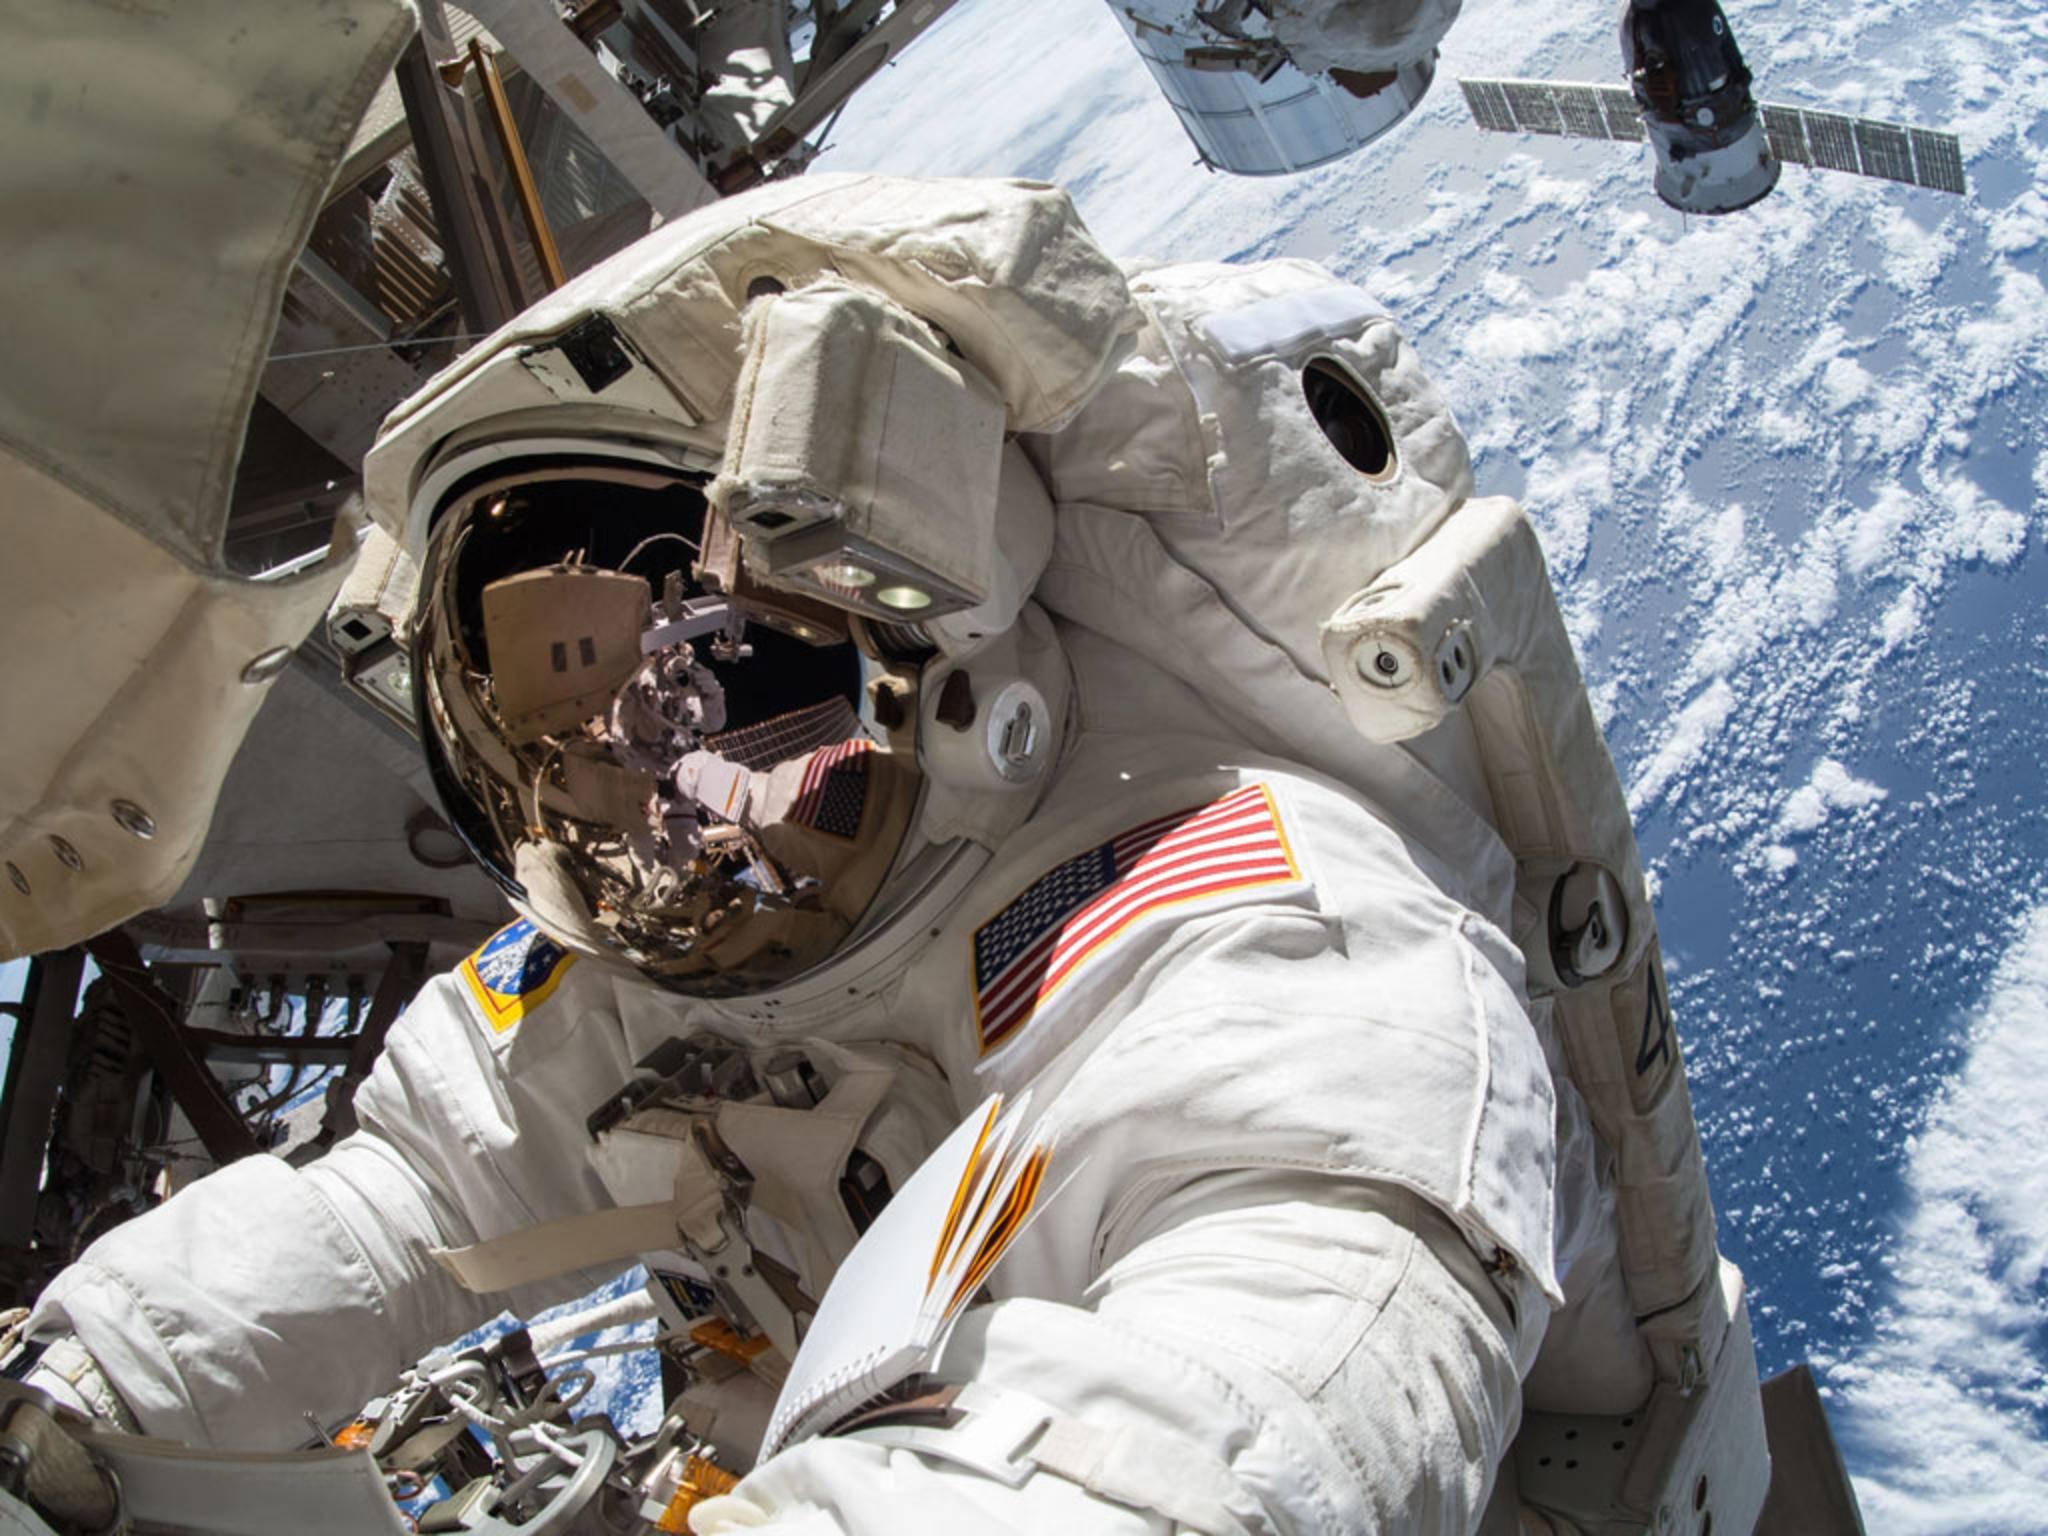 Etliche Technik-Mythen ranken sich um die Raumfahrt. Nicht alle sind wahr.